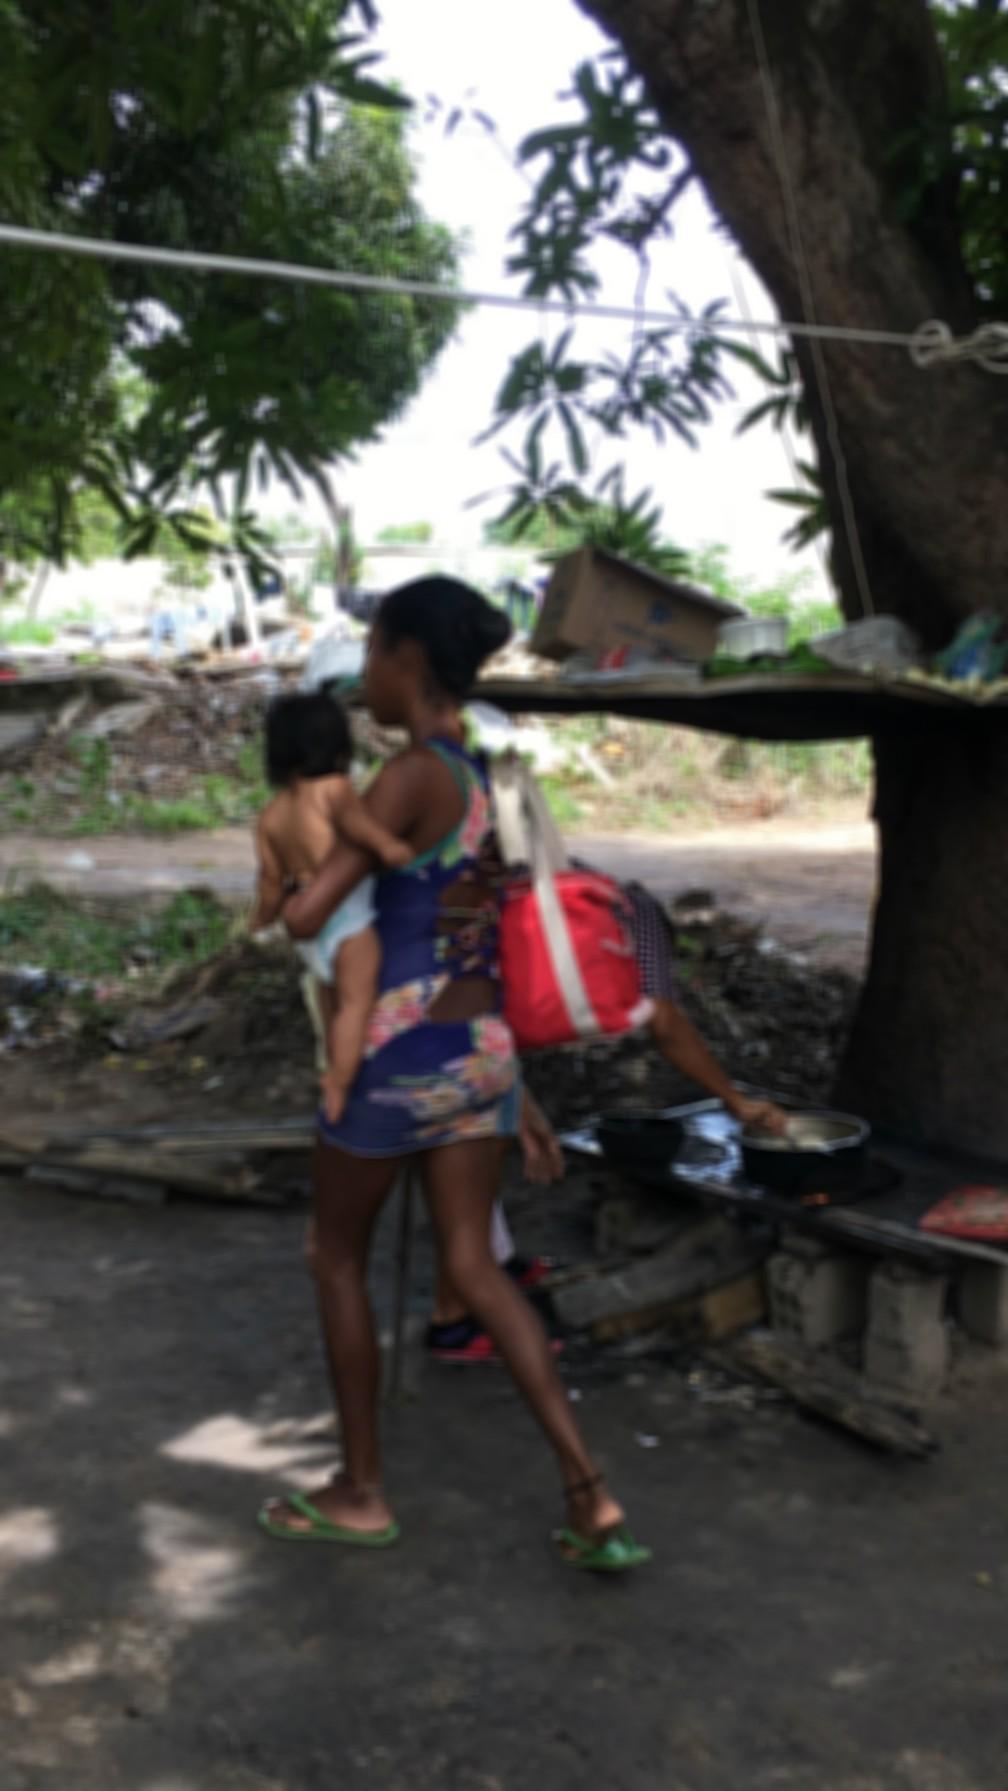 Mãe de 25 anos relatou ter recebido proposta de R$ 6 mil para entregar bebê de seis meses — Foto: Emily Costa/G1 RR